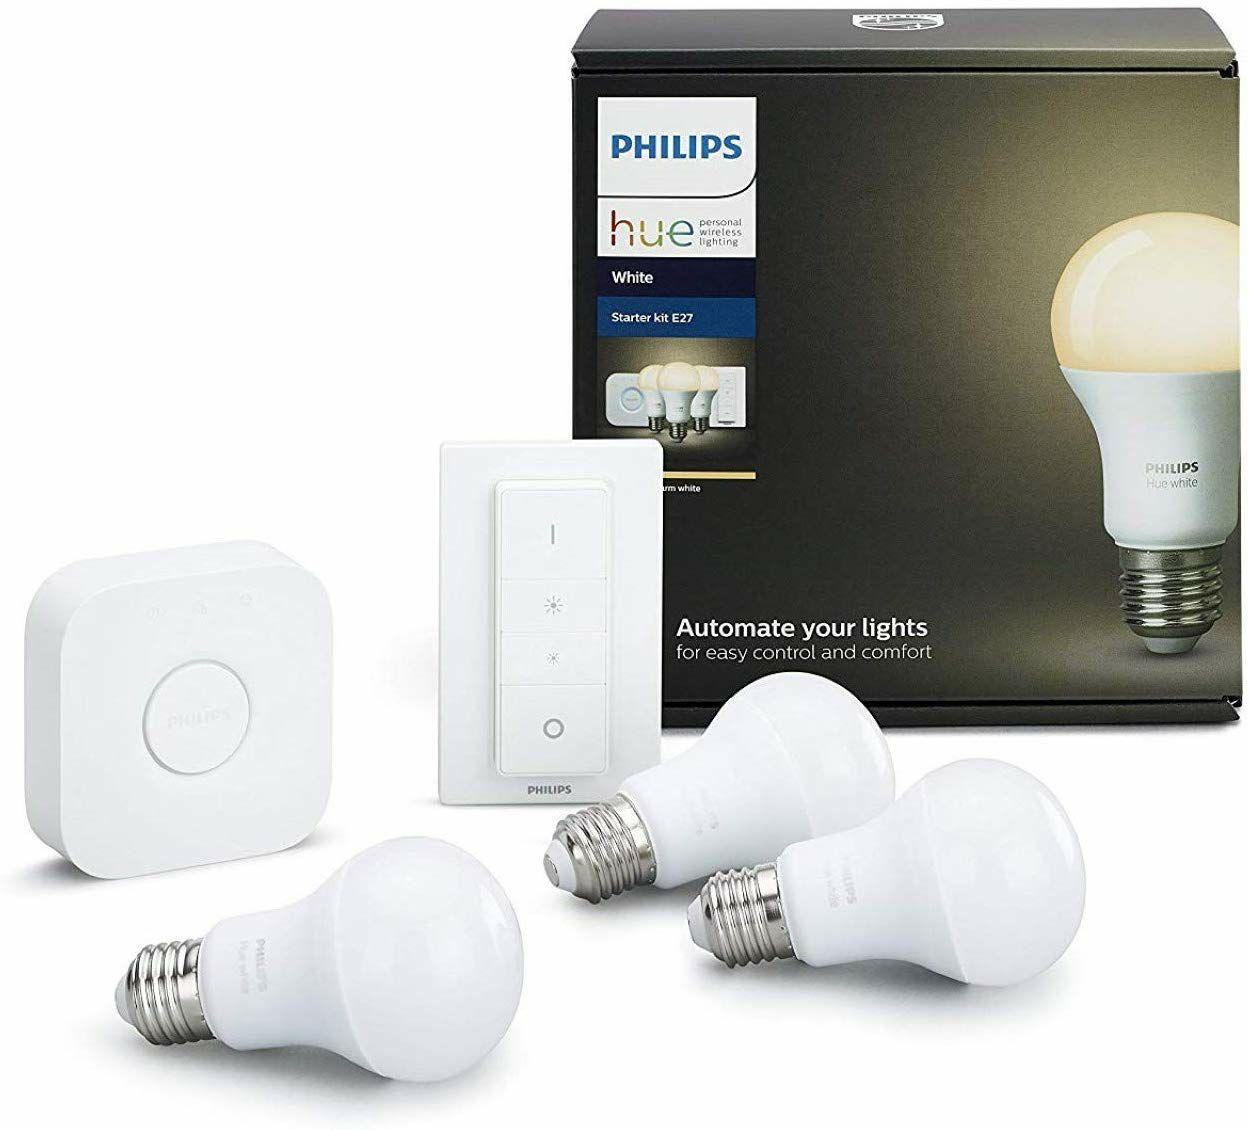 (Prime) Philips Hue White E27 LED Lampe Starter Set, drei Lampen inkl. Bridge und Dimmschalter, dimmbar, warmweißes Licht,9W